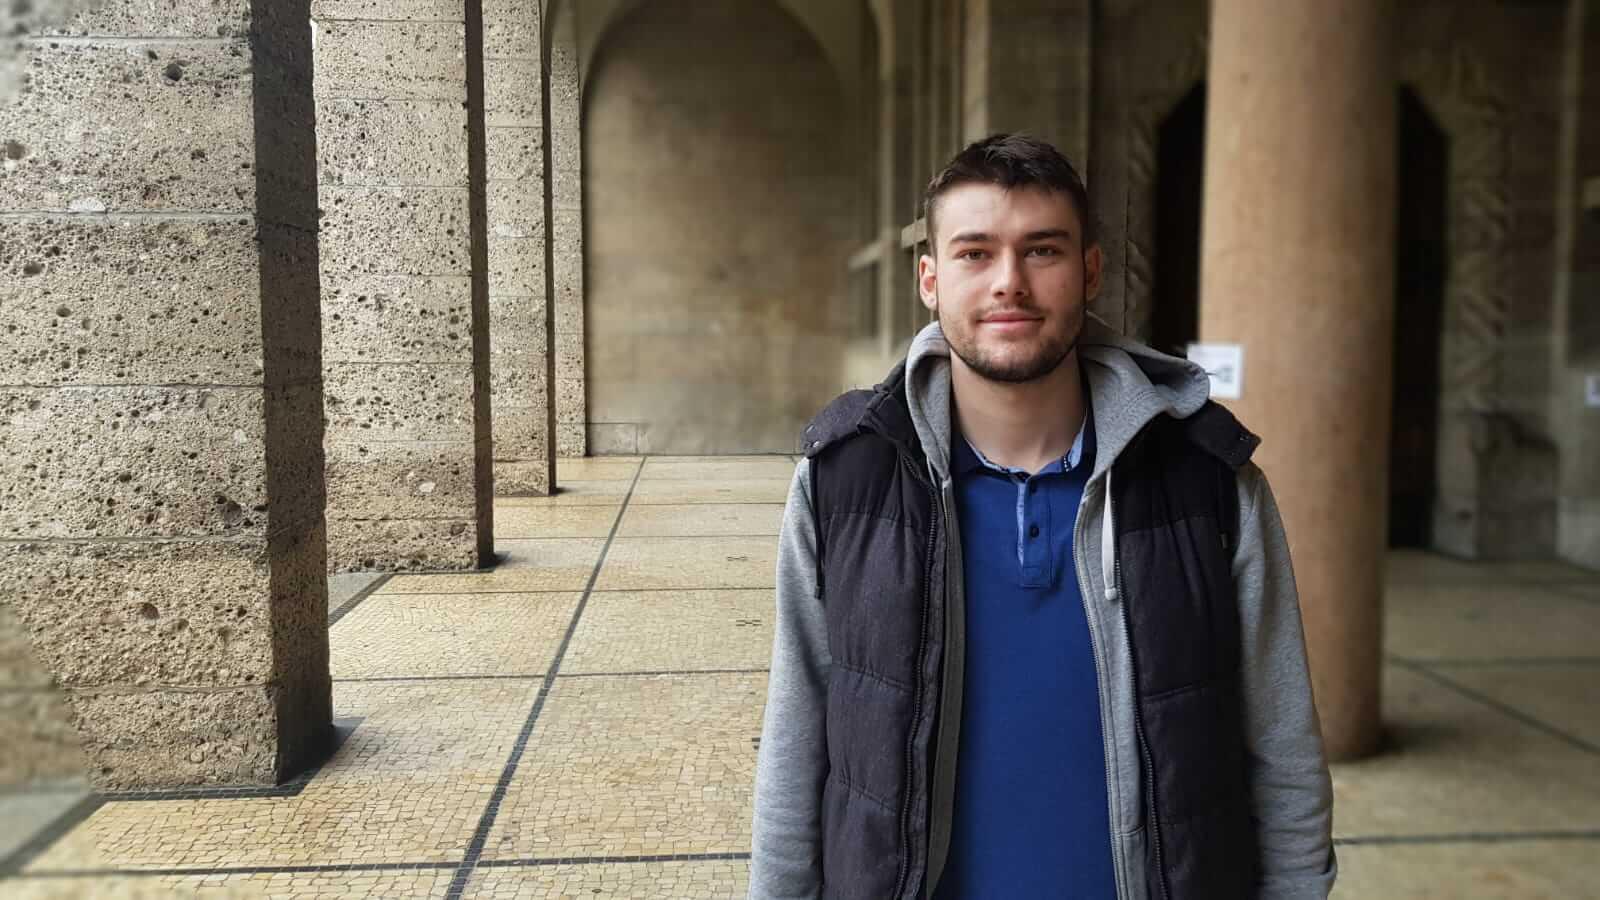 [Sveučilišna lista Studenti za studente] Josip Periša: Duplo veći broj studentskih udruga podupire našu listu